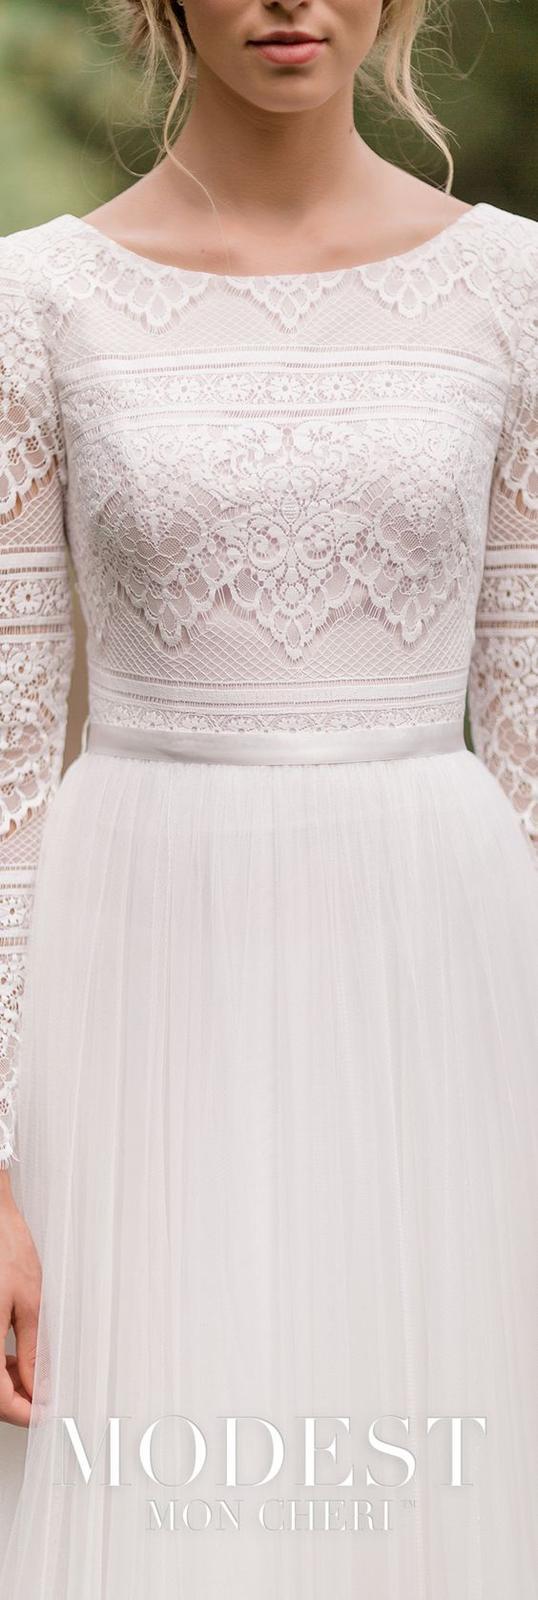 👰Anjel v bielych šatách 👼 - Obrázok č. 25